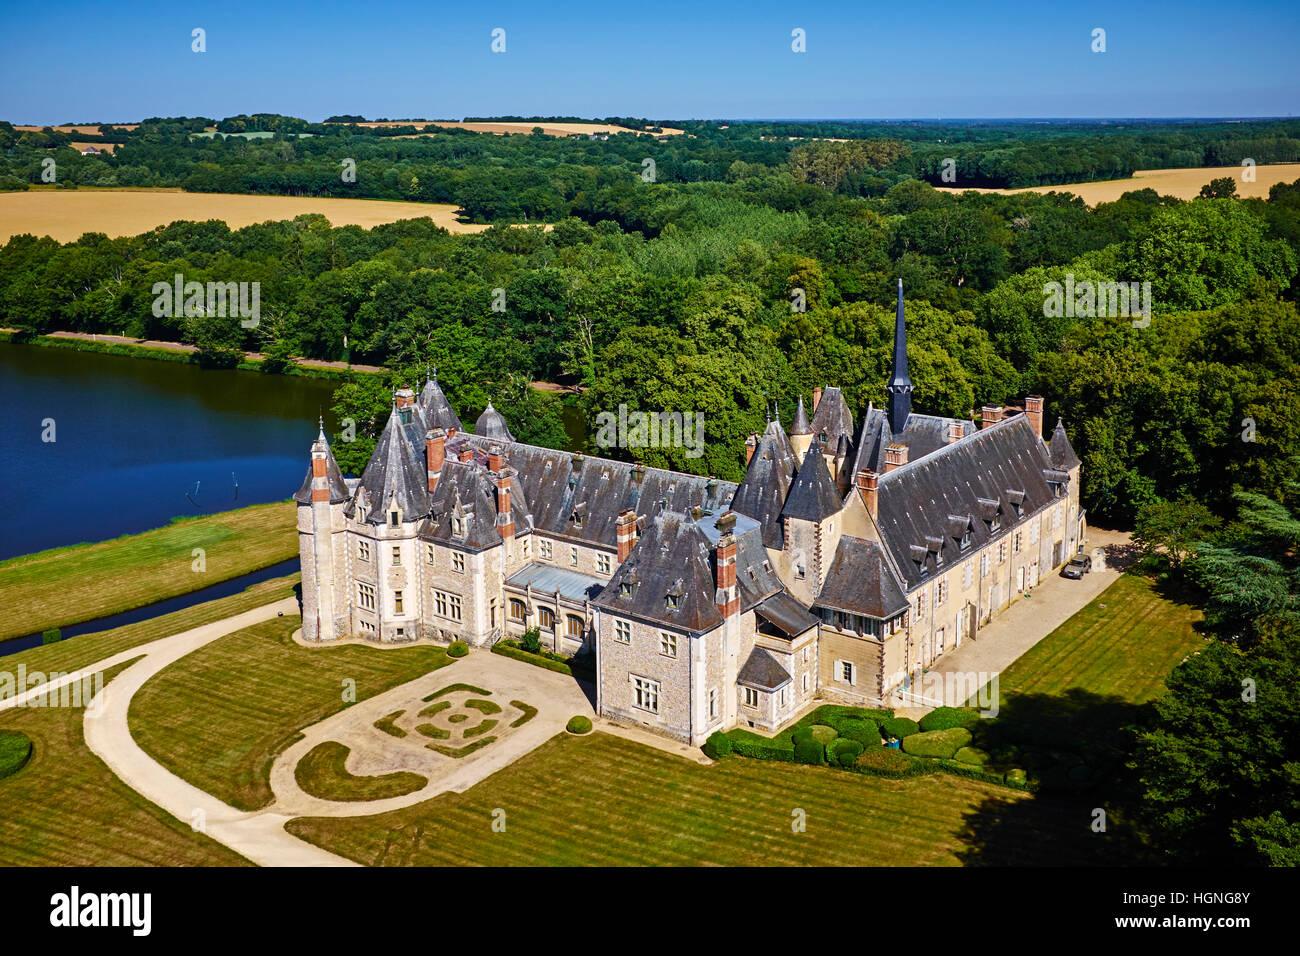 France, Cher (18), Berry, the Jacques Coeur road, chateau de la Verrerie castle, aerial view - Stock Image